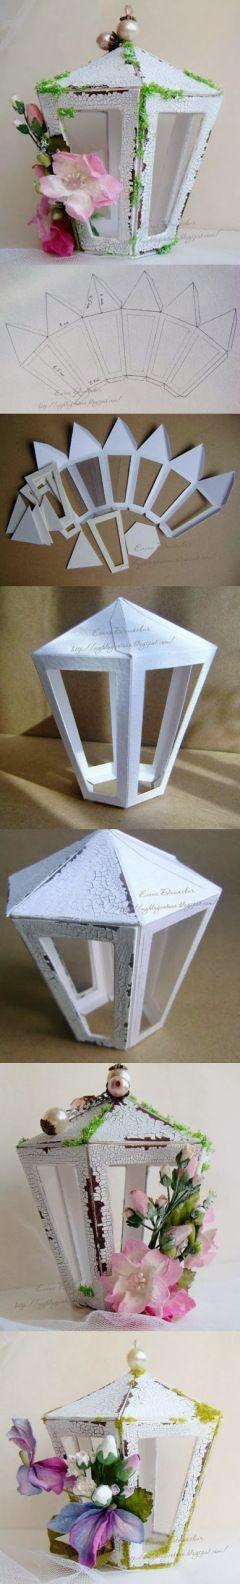 Linterna de cartón                                                                                                                                                                                 Más